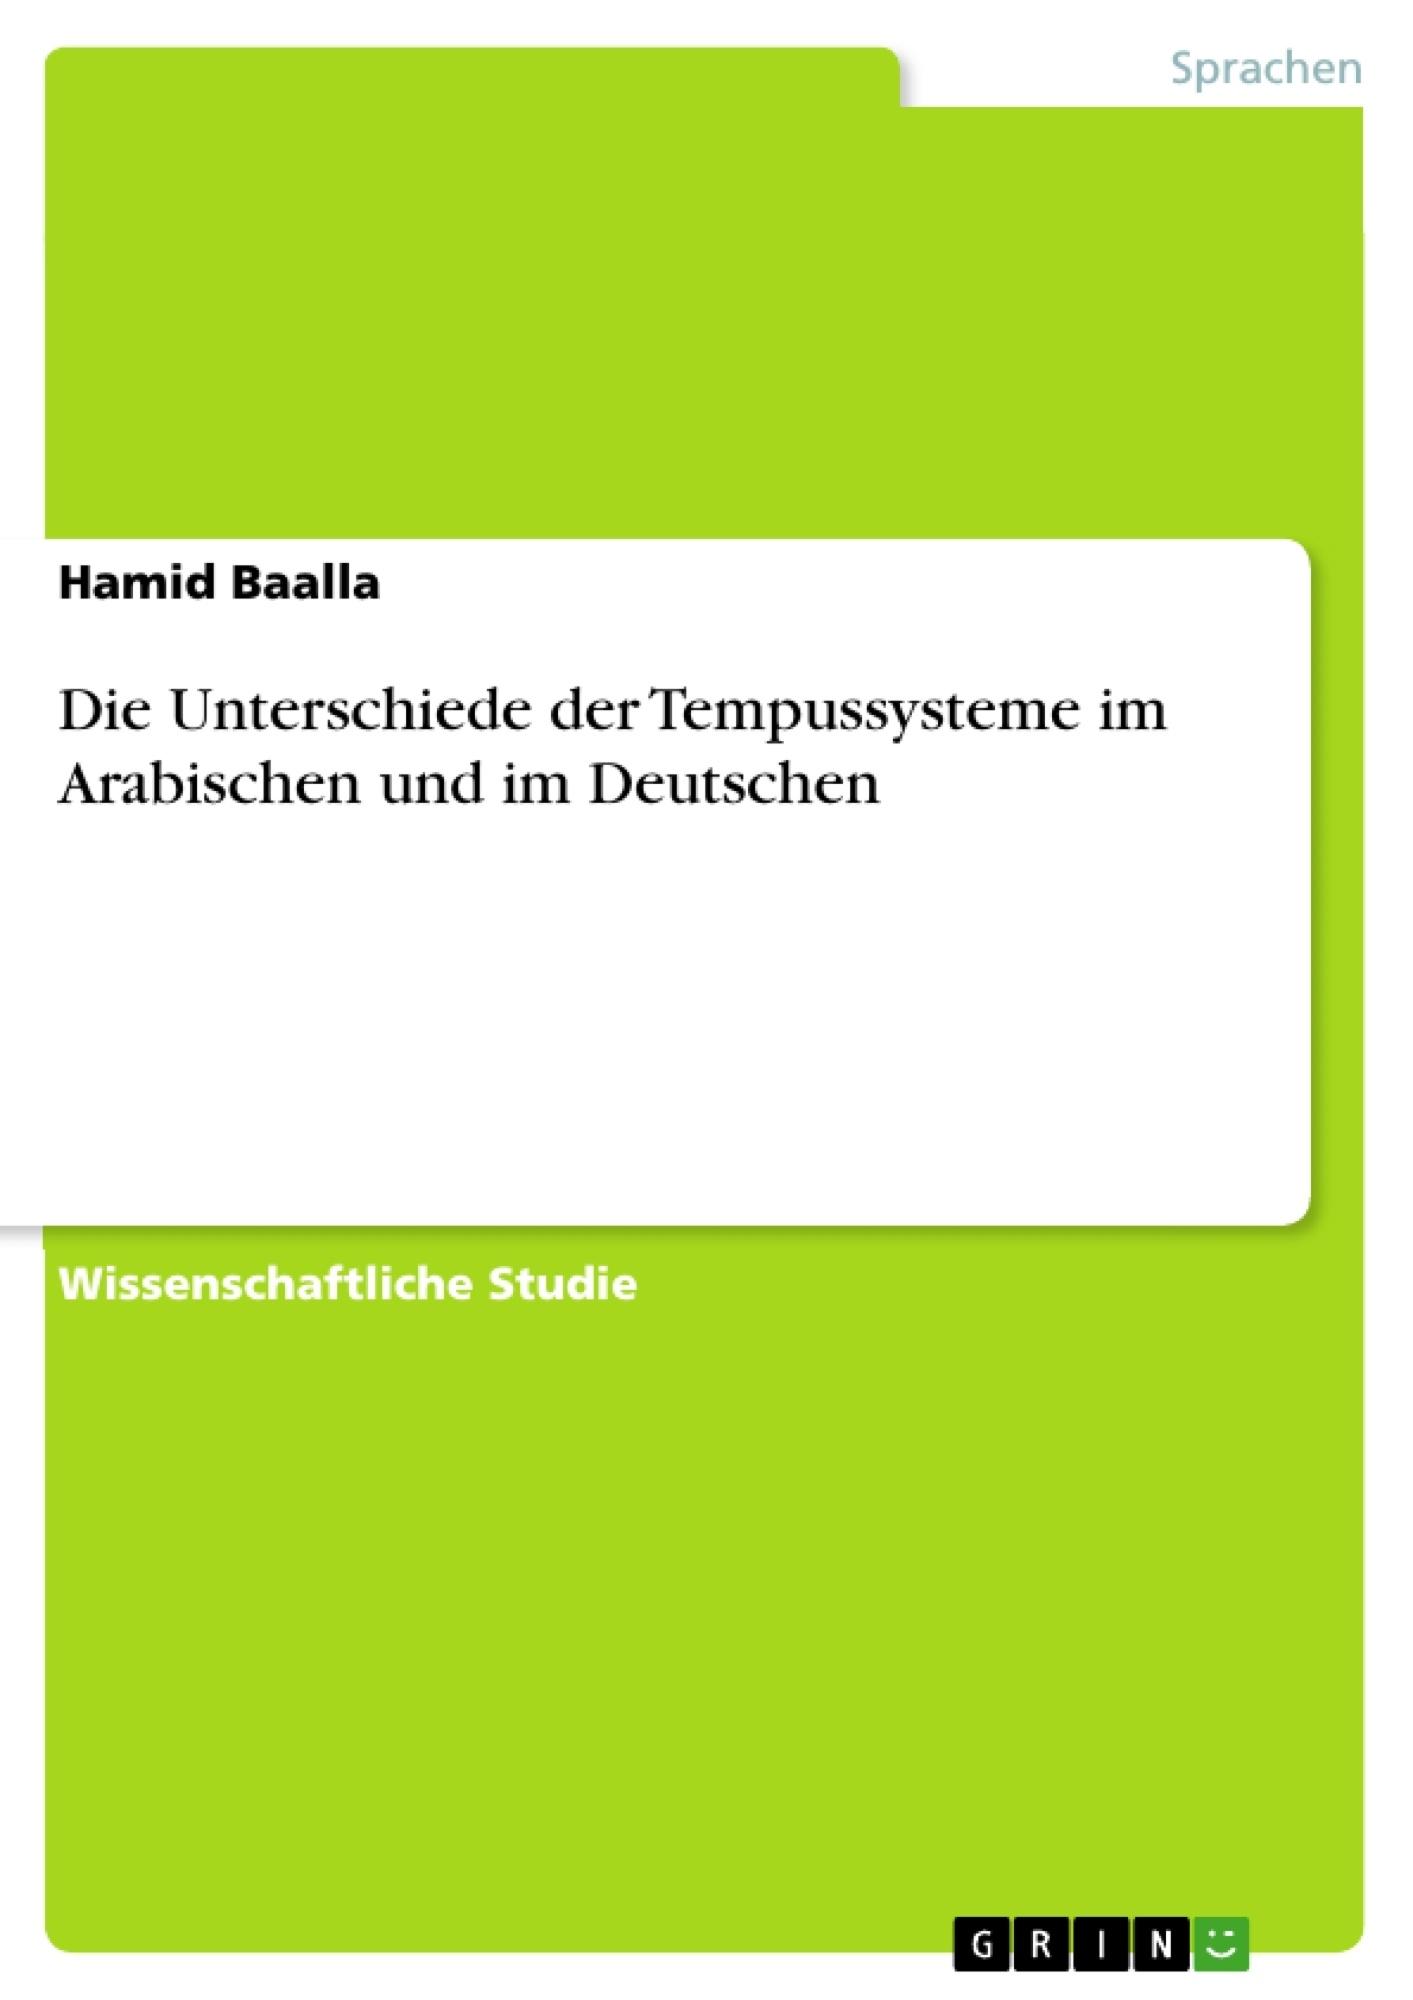 Titel: Die Unterschiede der Tempussysteme im Arabischen und im Deutschen